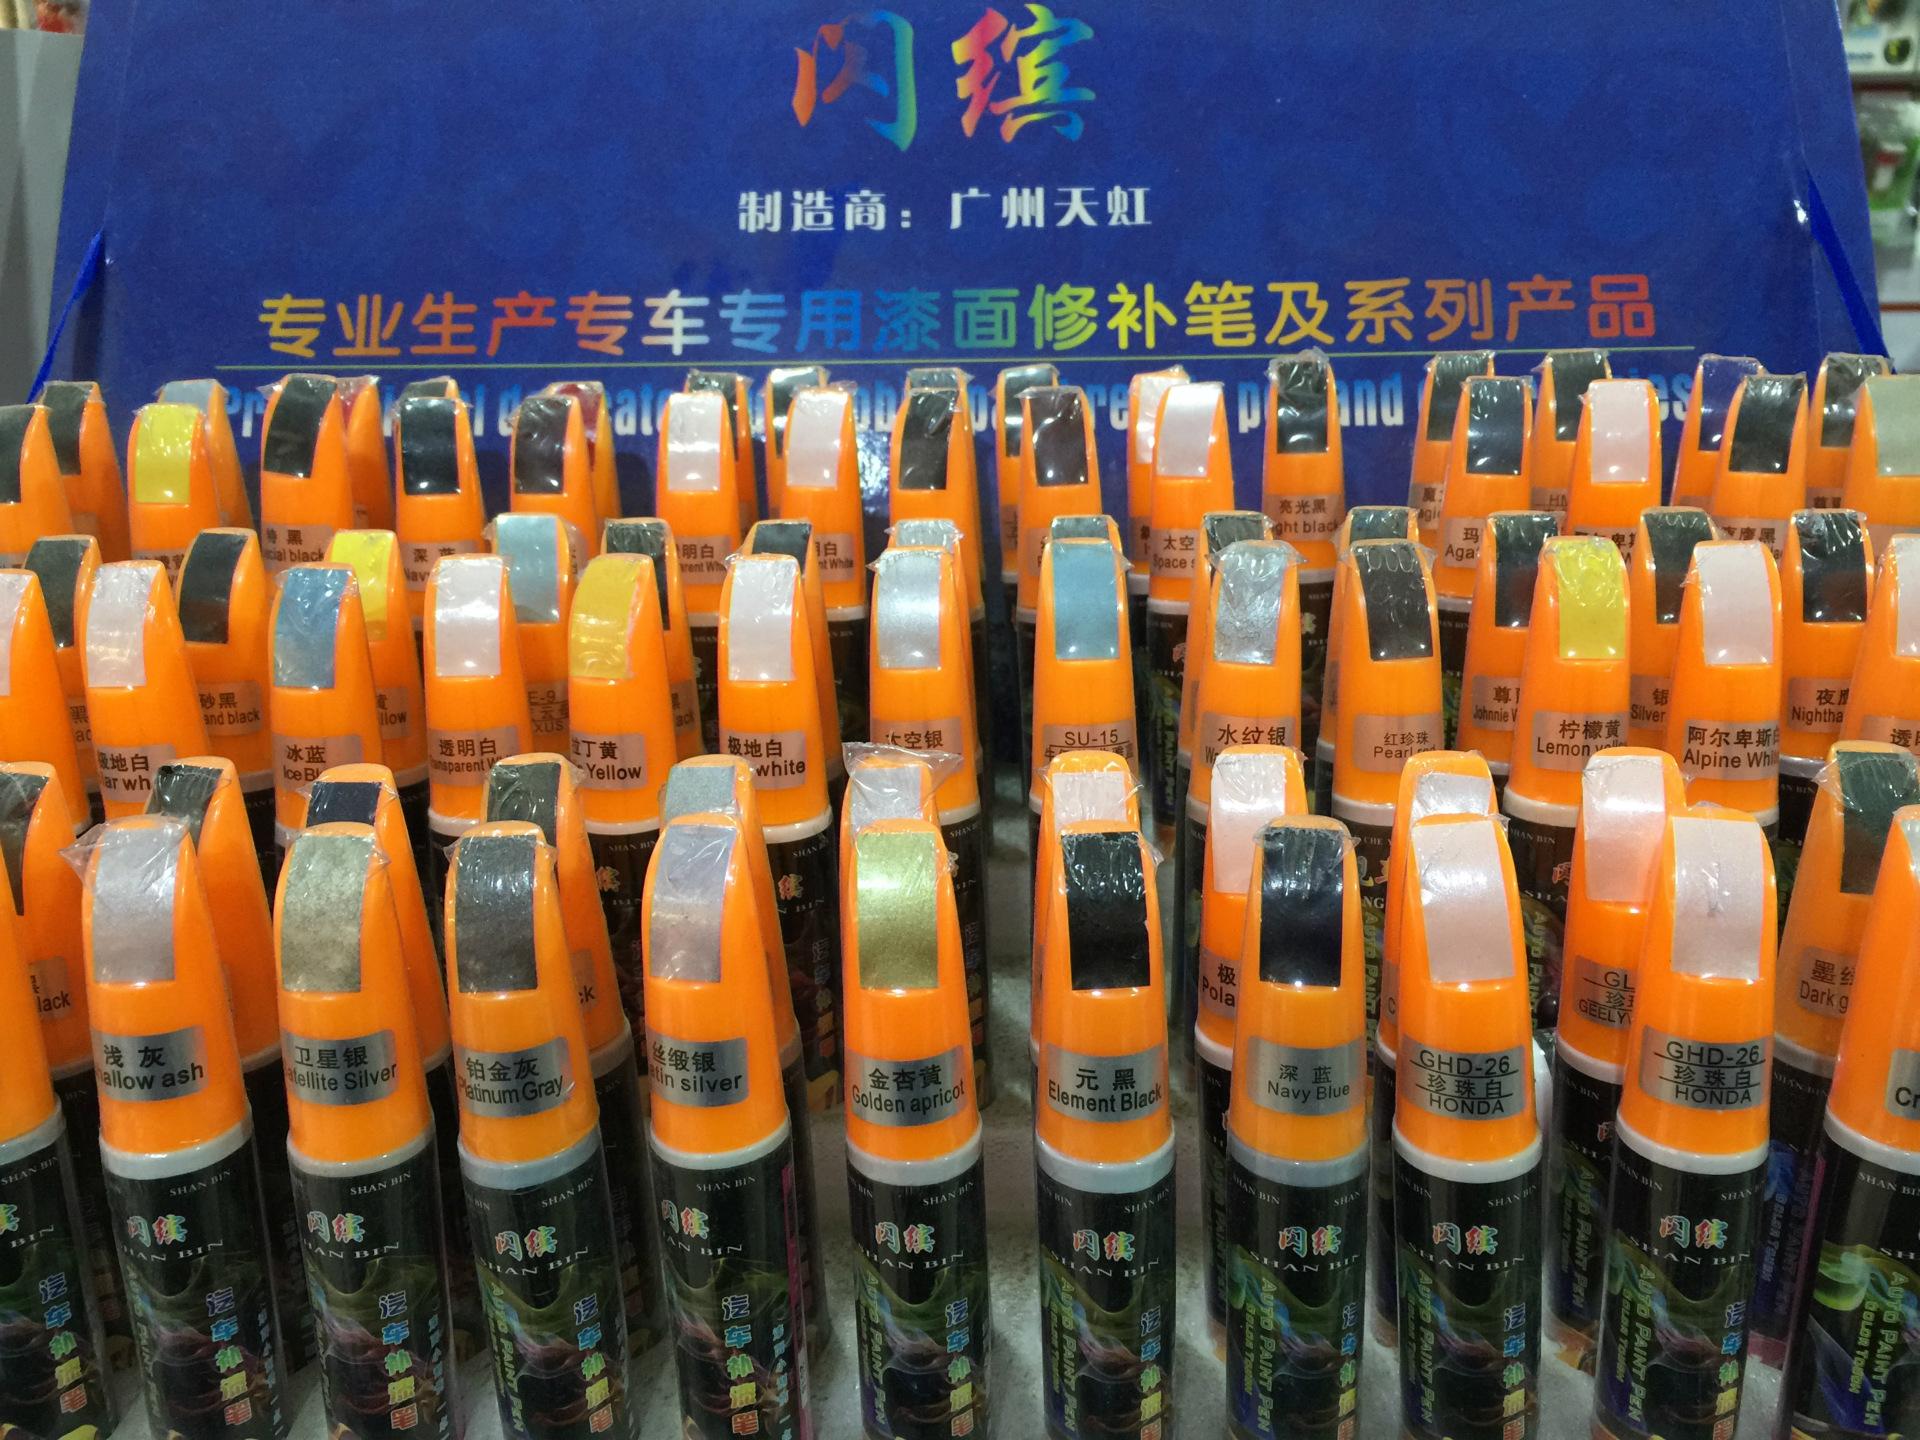 1 шт. Pro починка автомобиля для удаления скреста ручка краски очистить 71 цветов для выборов